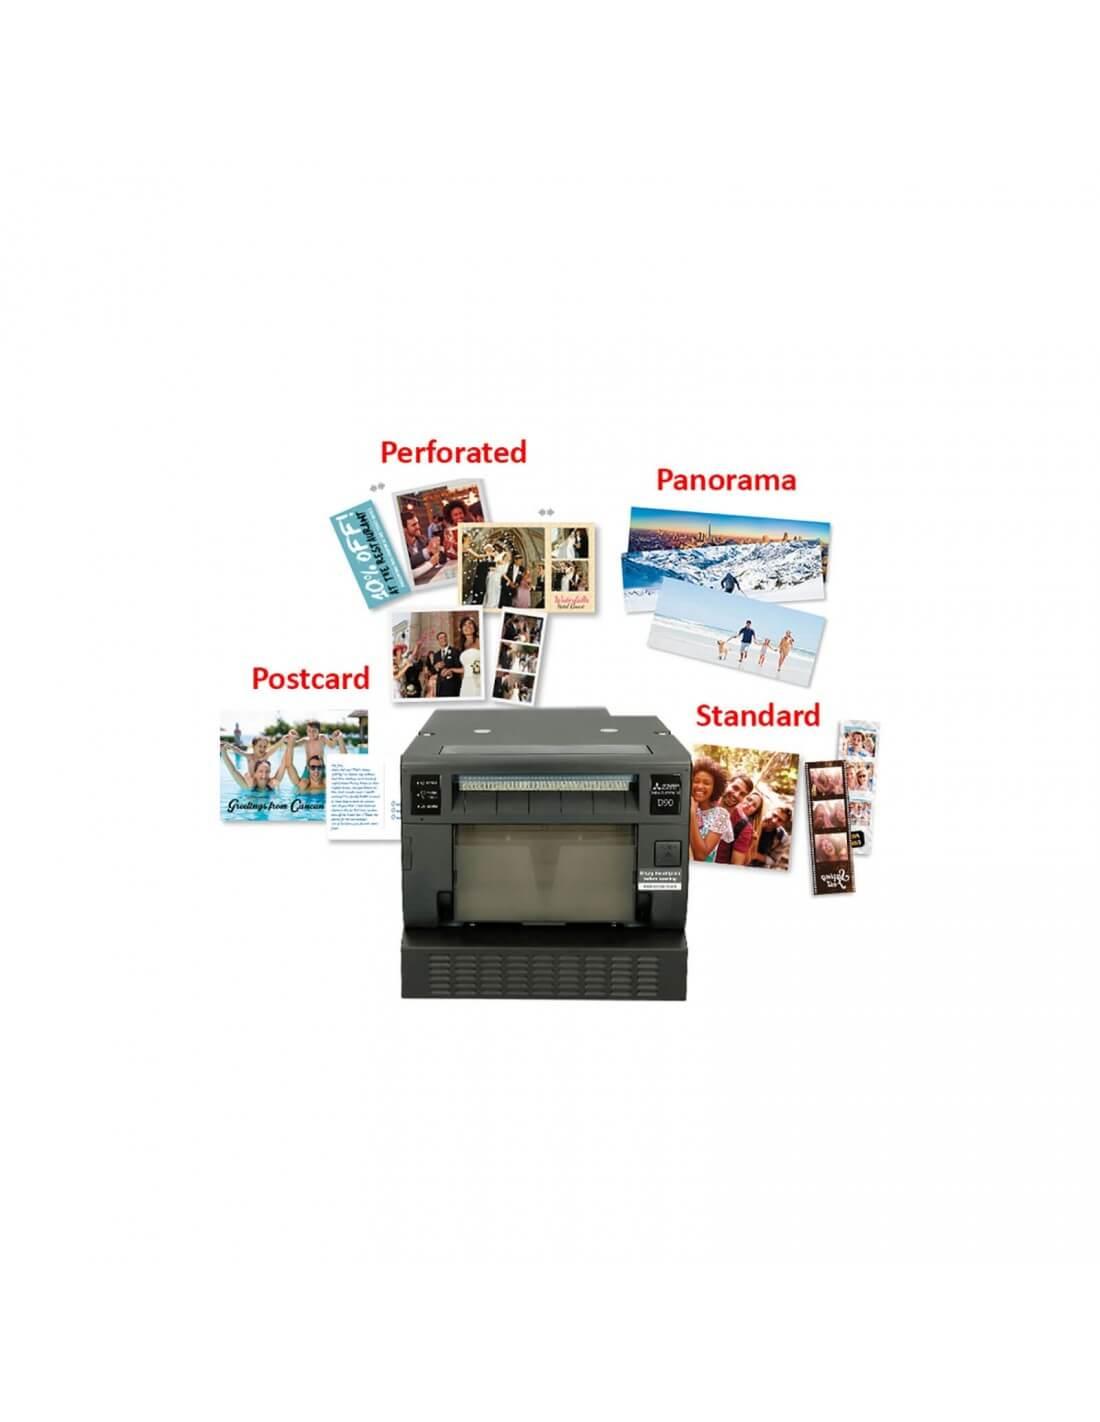 MITSUBISHI CP D90 DW-P Photo Printer / Thermal Printer